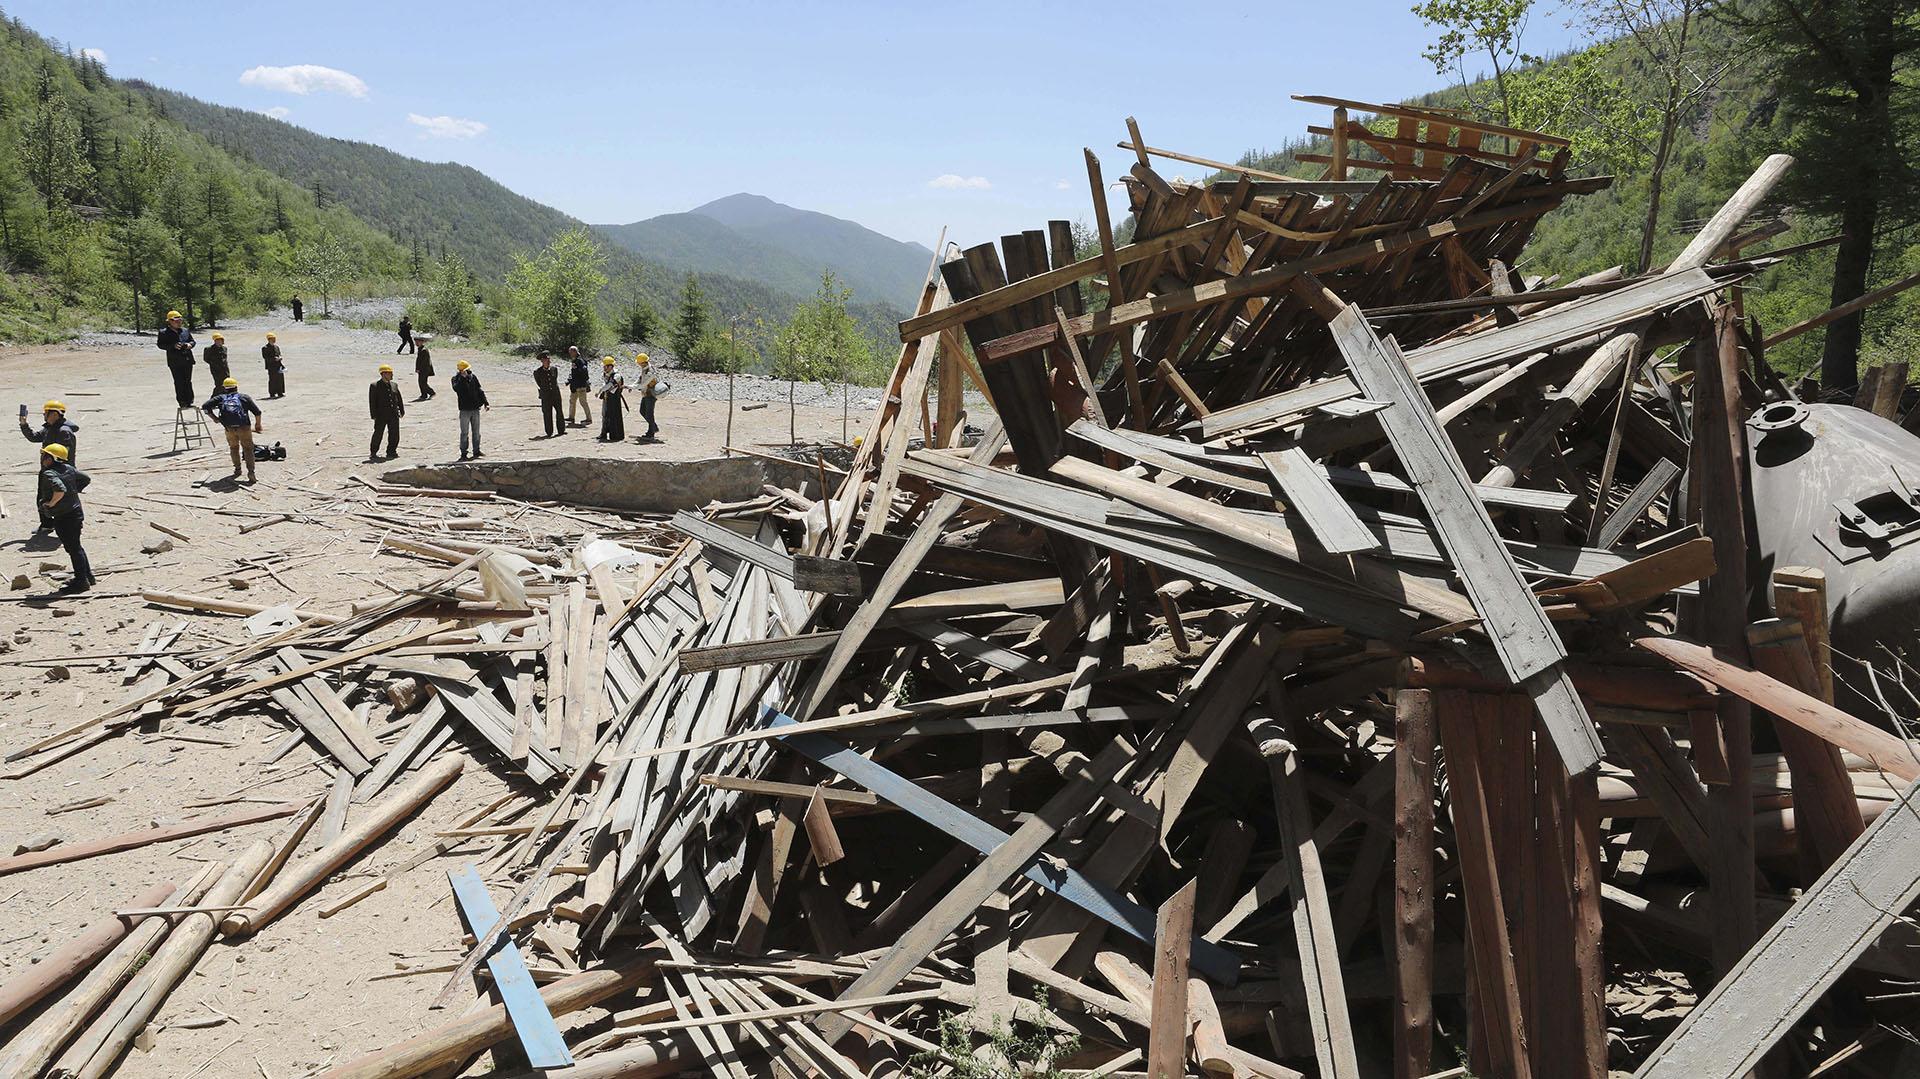 Reporteros internacionales recorren el lugar luego de las explosiones (AP)